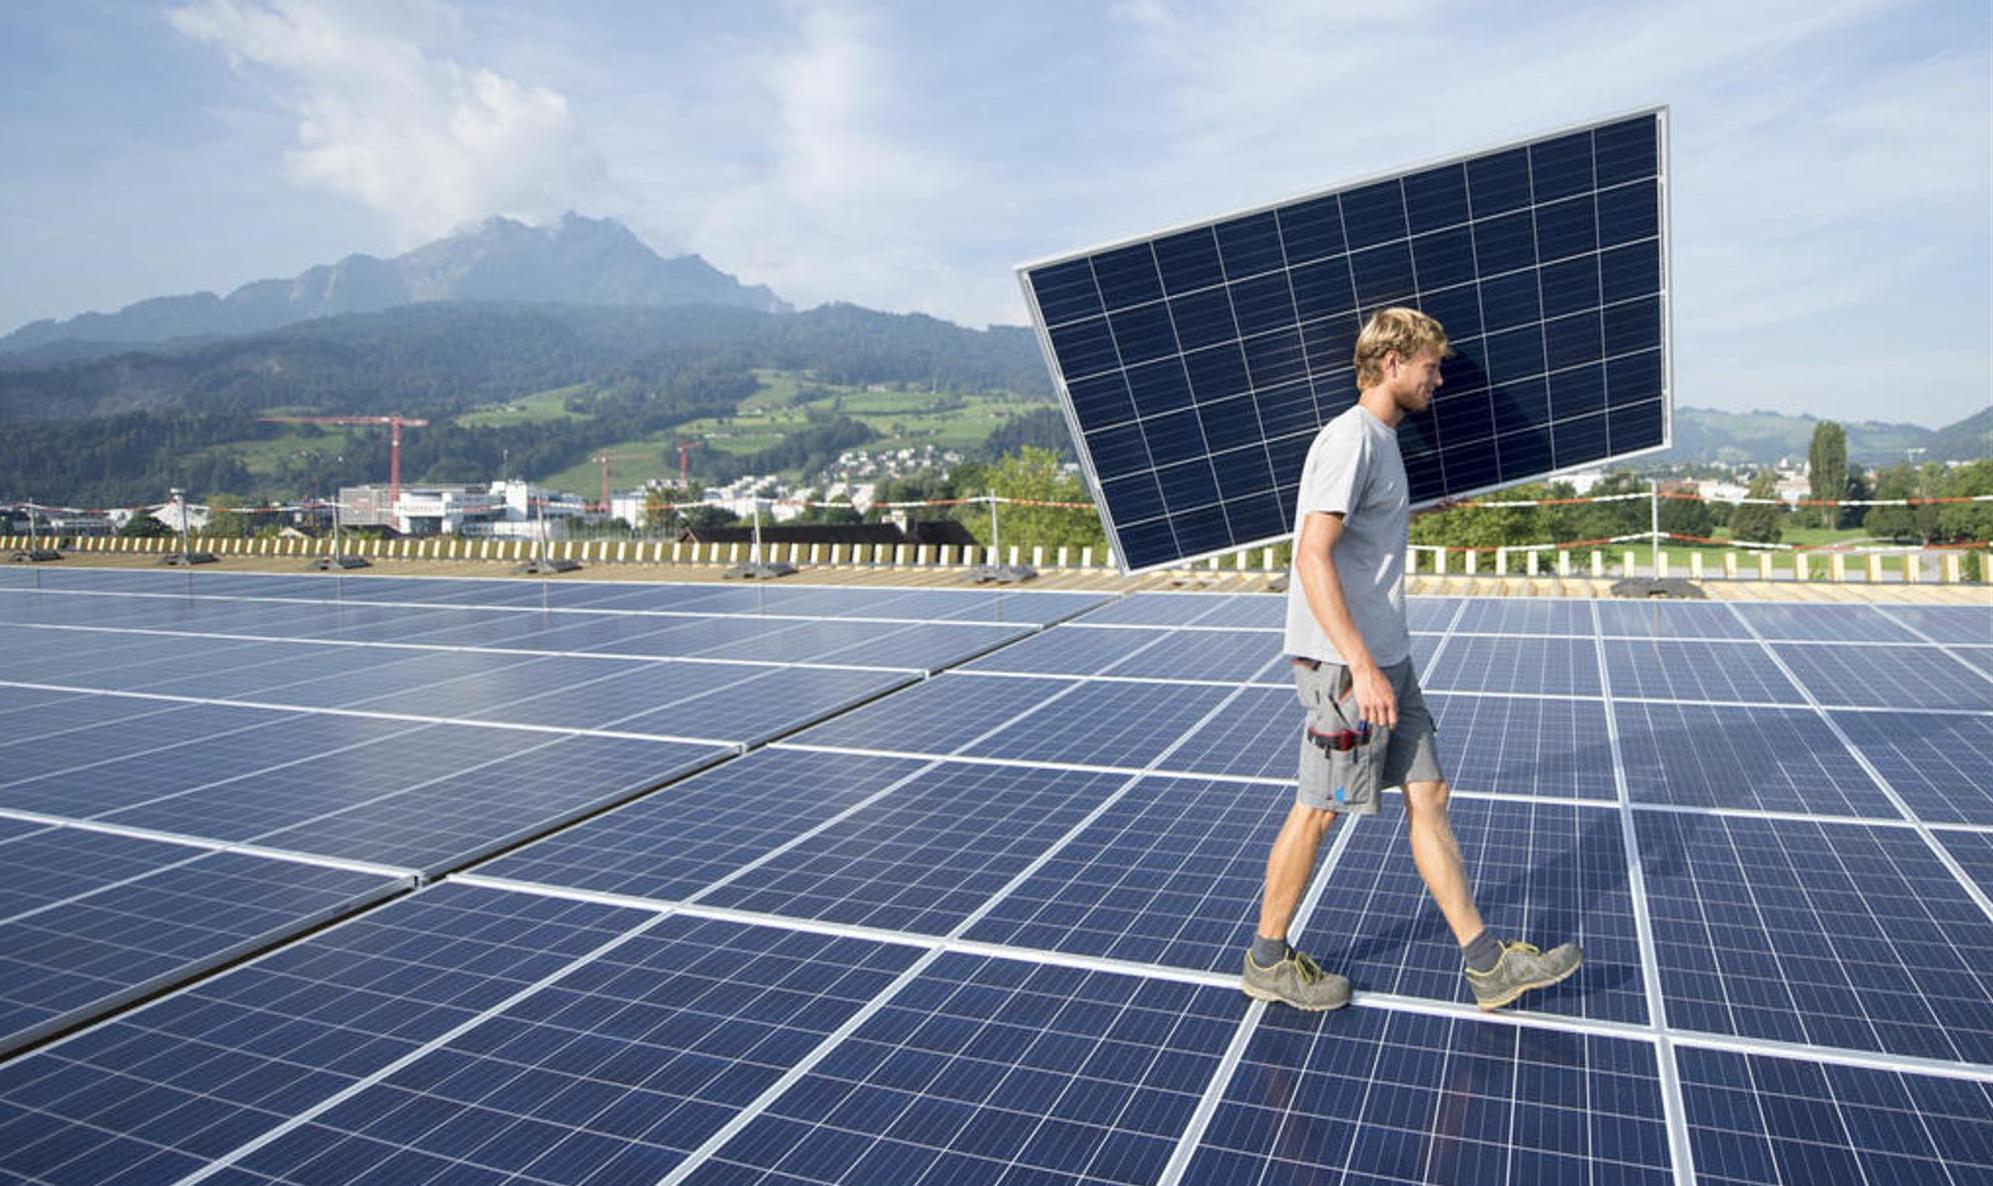 Les systèmes photovoltaïques nécessitent peu d'entretien et les modules solaires sont généralement garantis 25 ans. En règle générale, on calcule des coûts d'exploitation de huit francs par m2 de surface solaire et par an. La plupart des systèmes sont amortis en moins de dix ans. Keystone/U. Flueeler